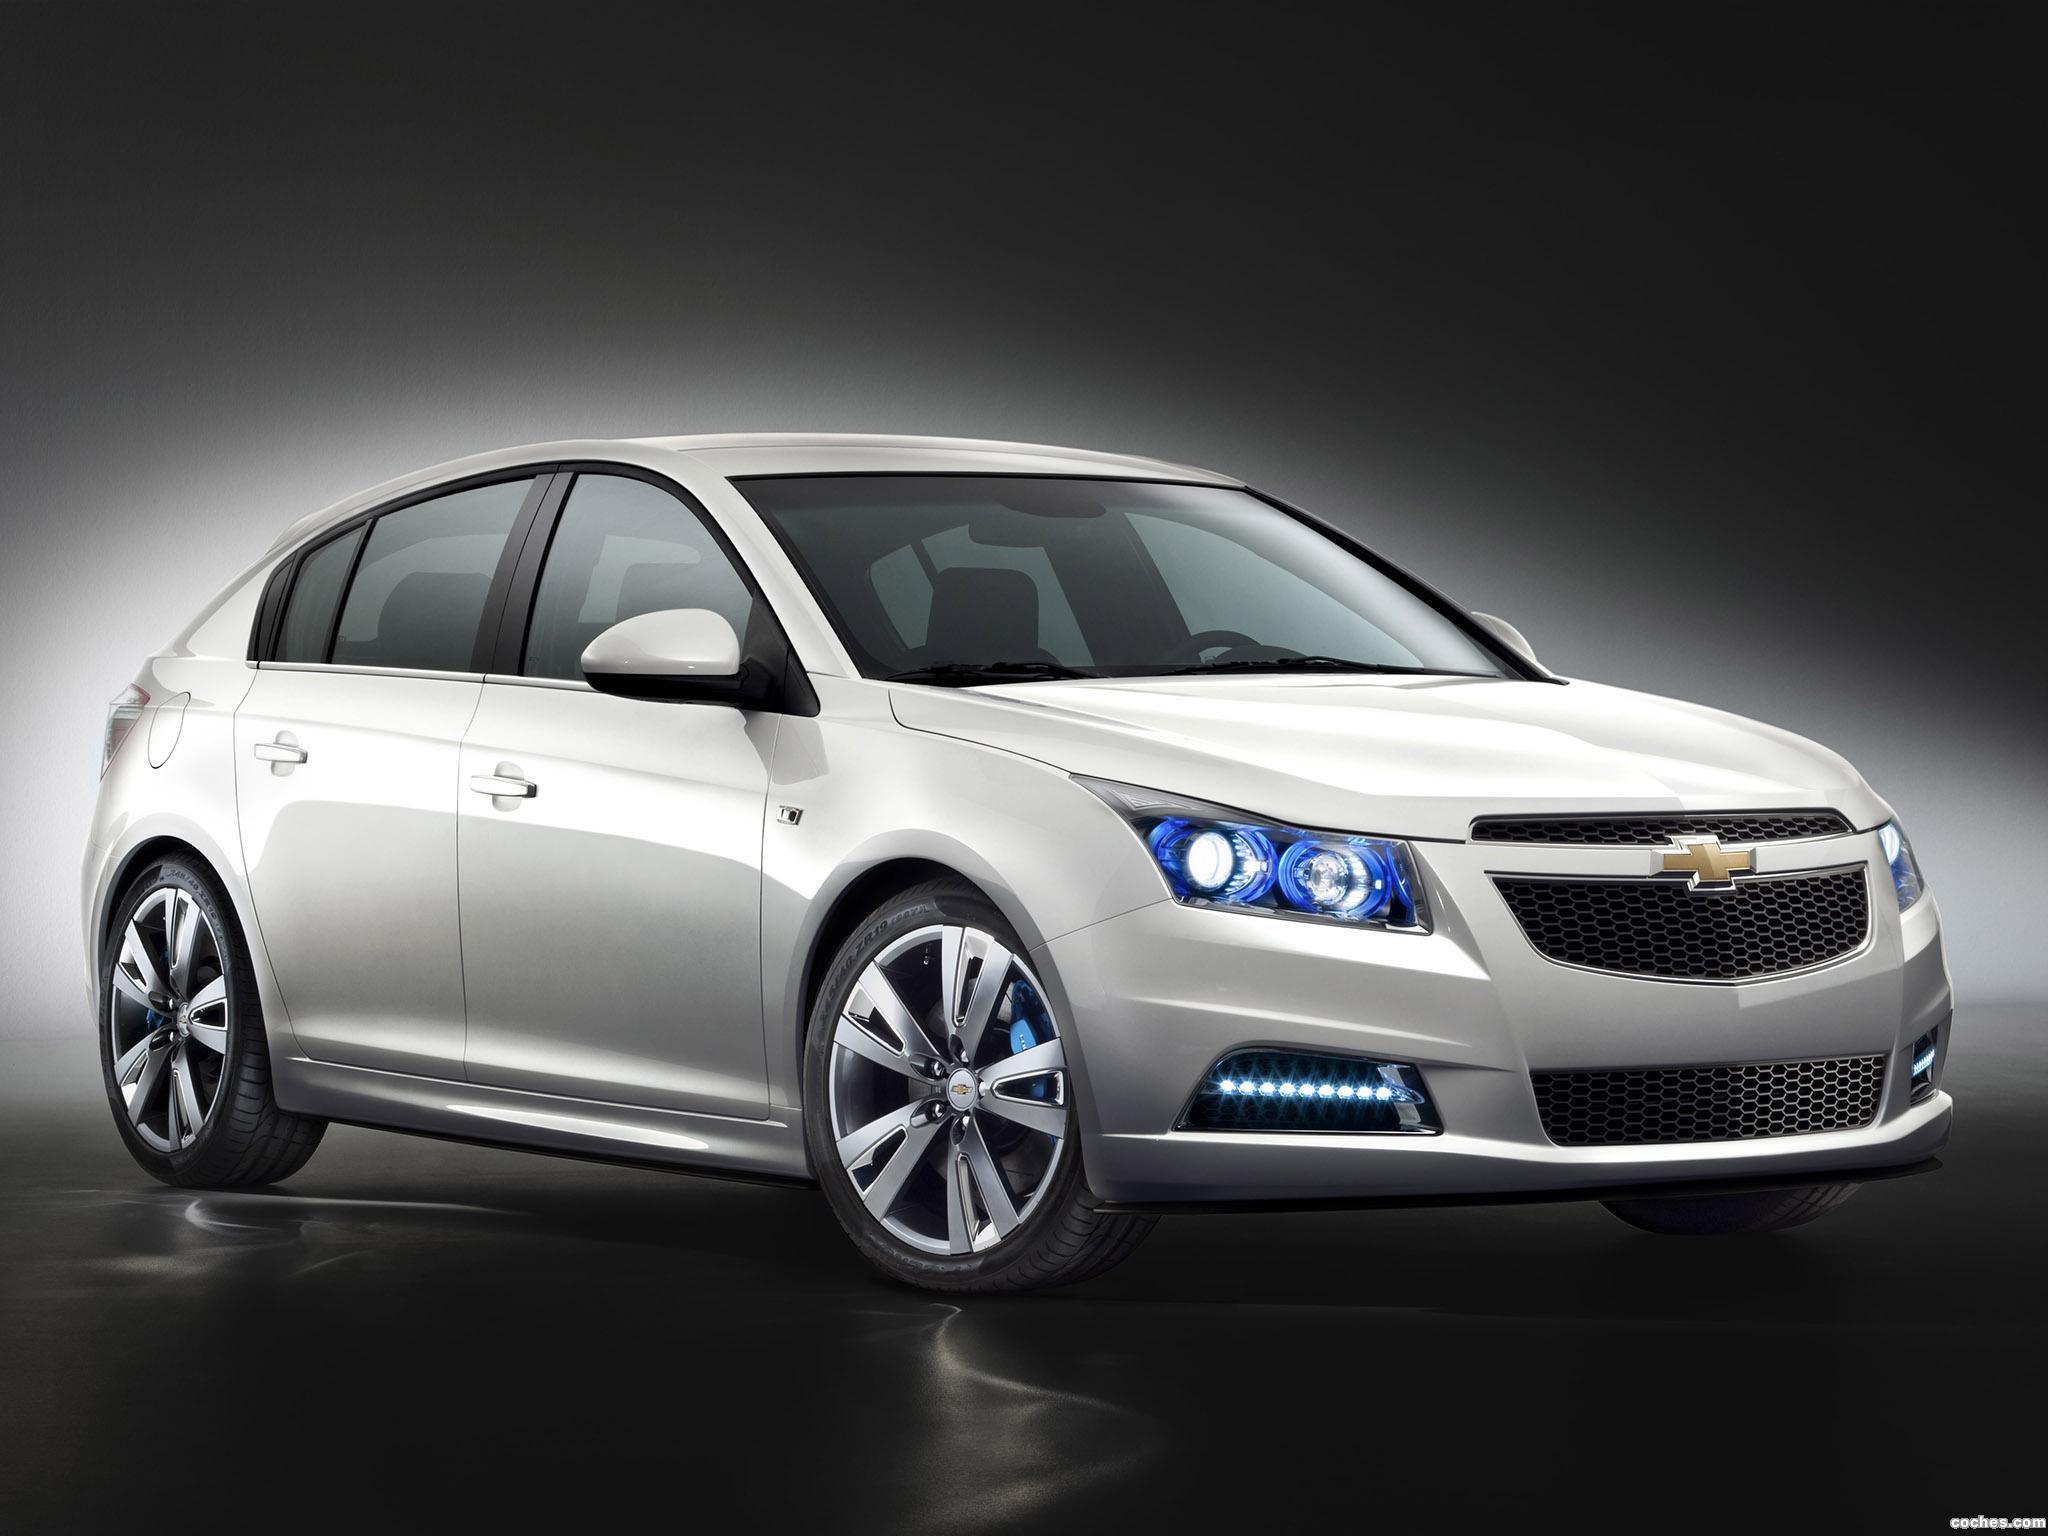 Foto 0 de Chevrolet Cruze Hatchback Concept 2010